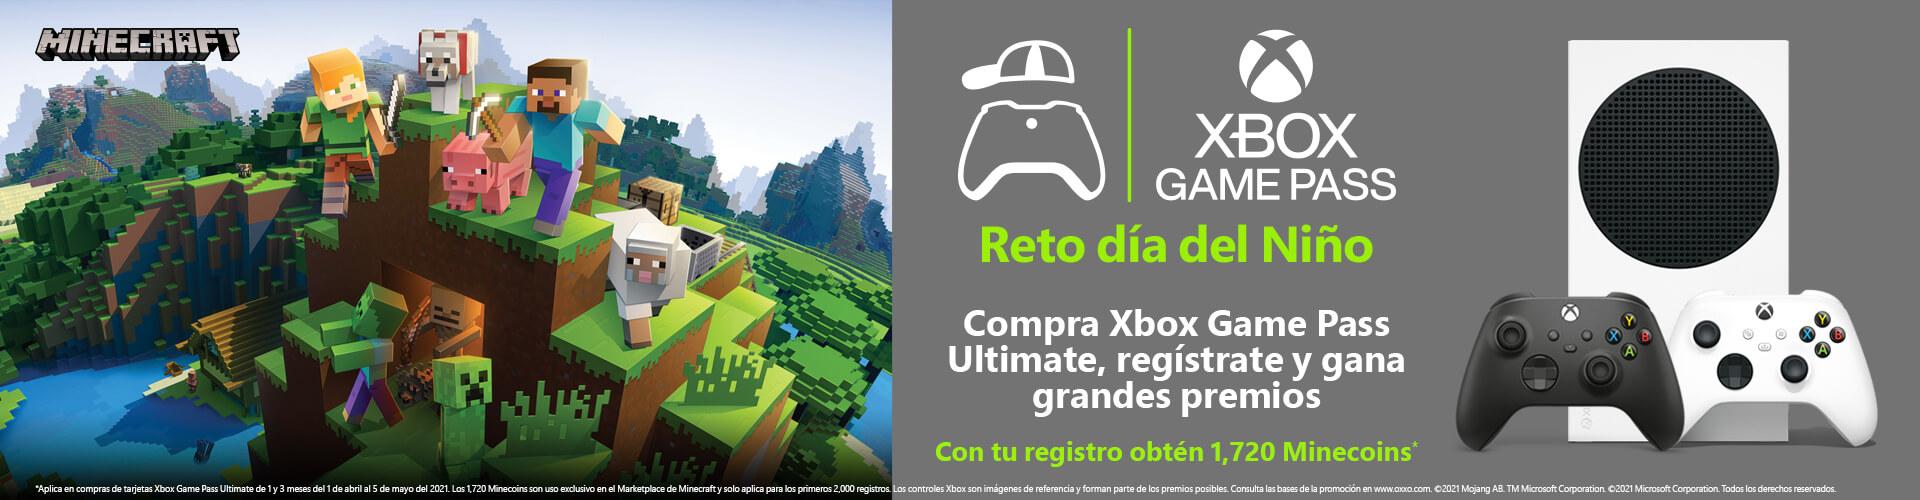 OXXO Reunion XBOX gris P4 2021